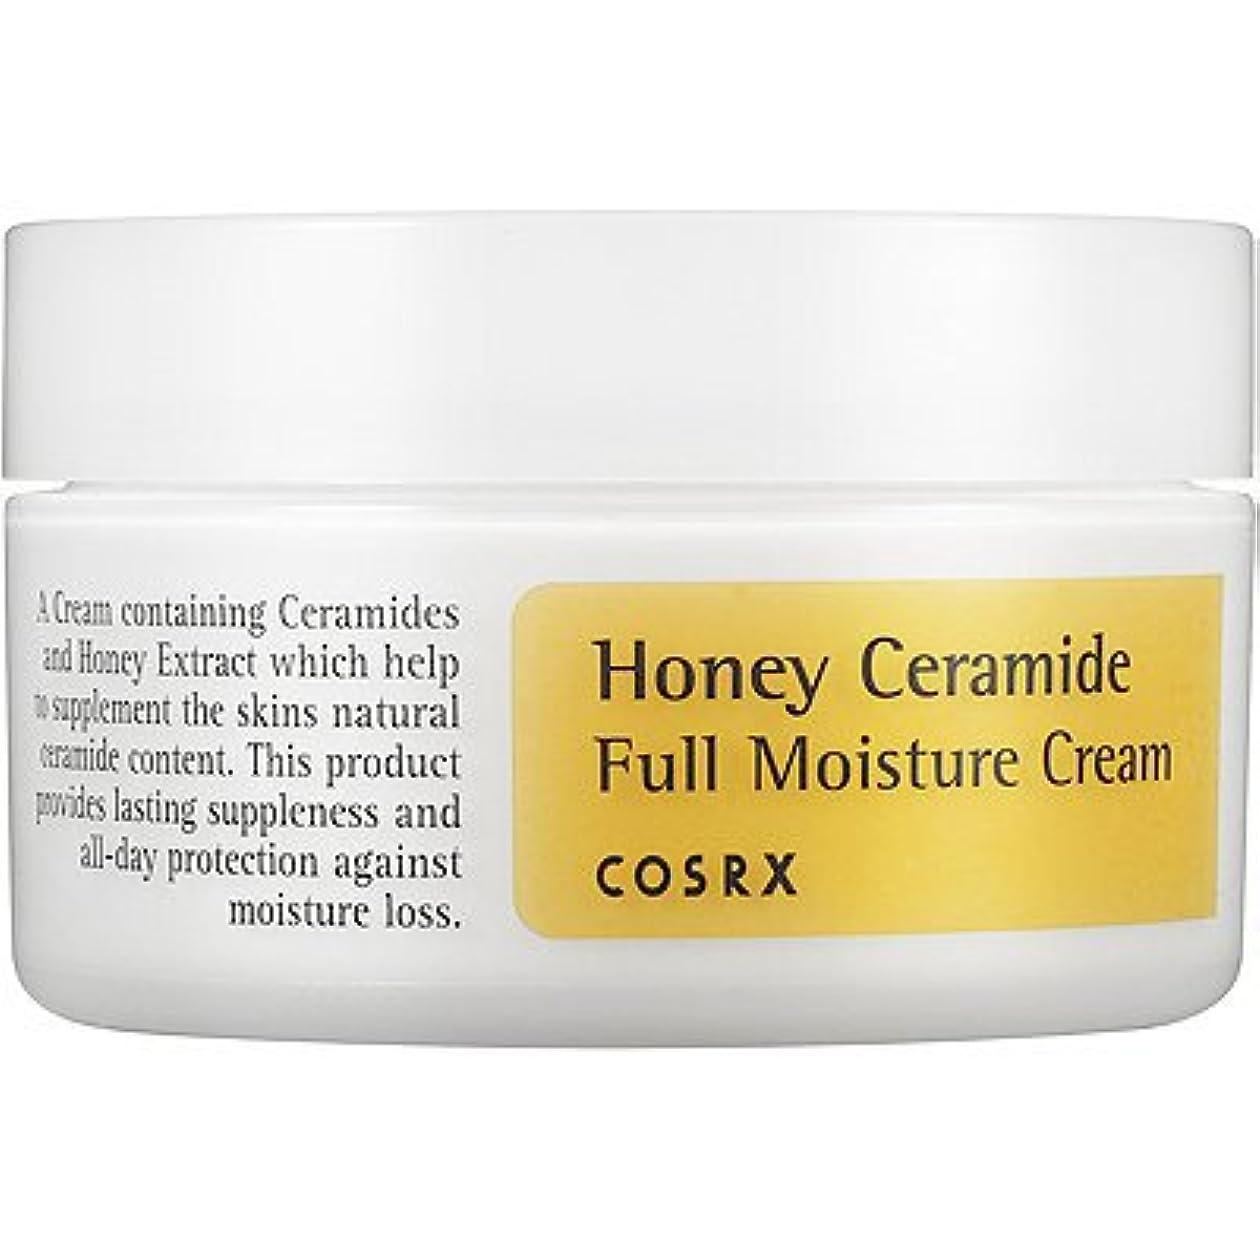 パステル後者前にCOSRX Honey Ceramide Full Moisture Cream 50g/ハニーセラミド フル モイスチャークリーム -50g [並行輸入品]